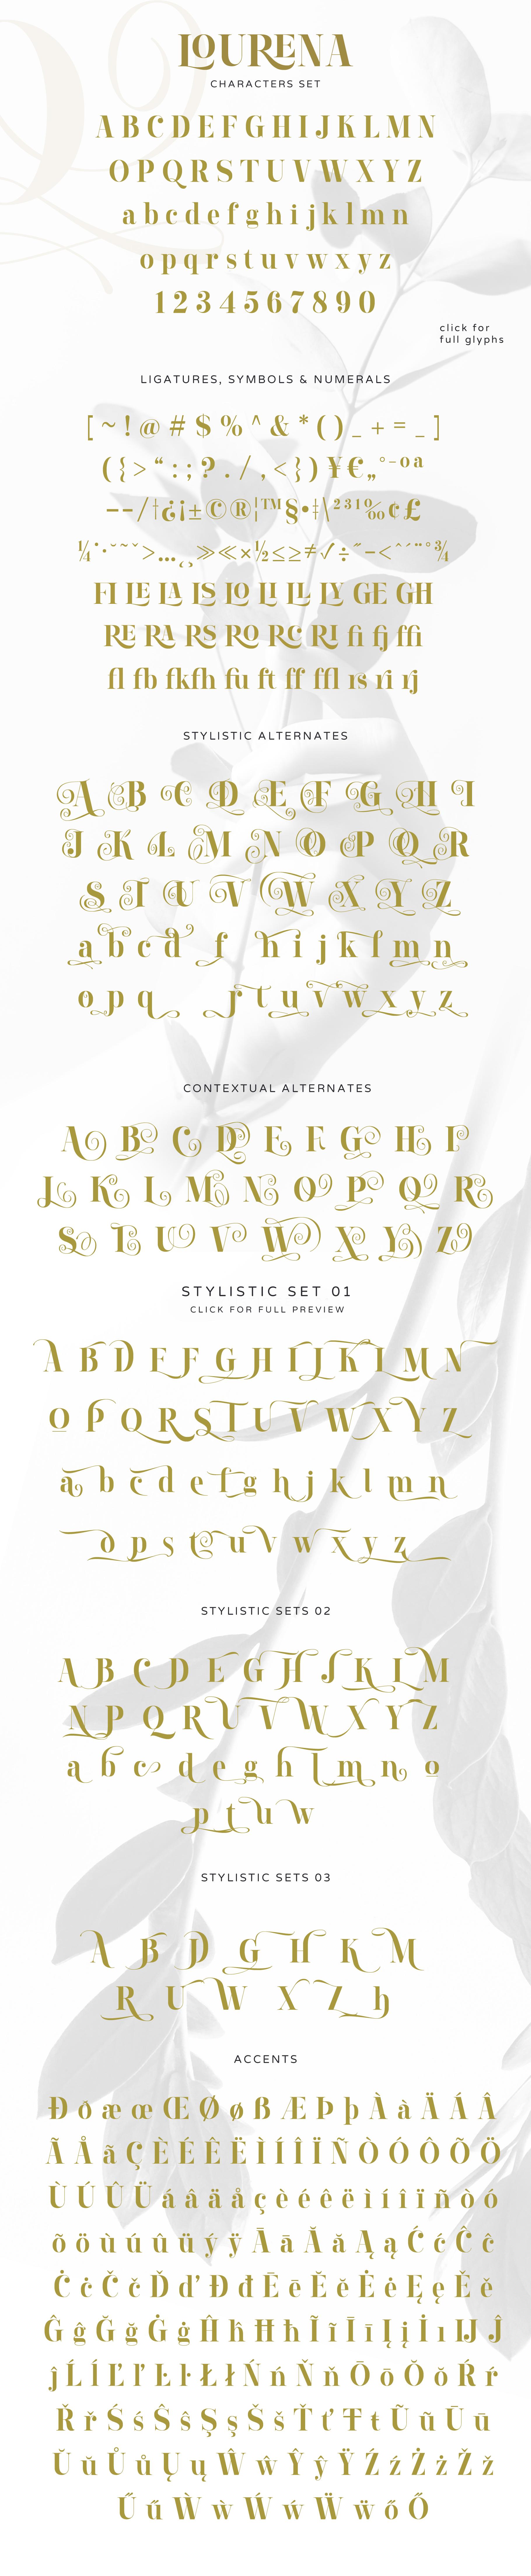 Lourena Typeface example image 9